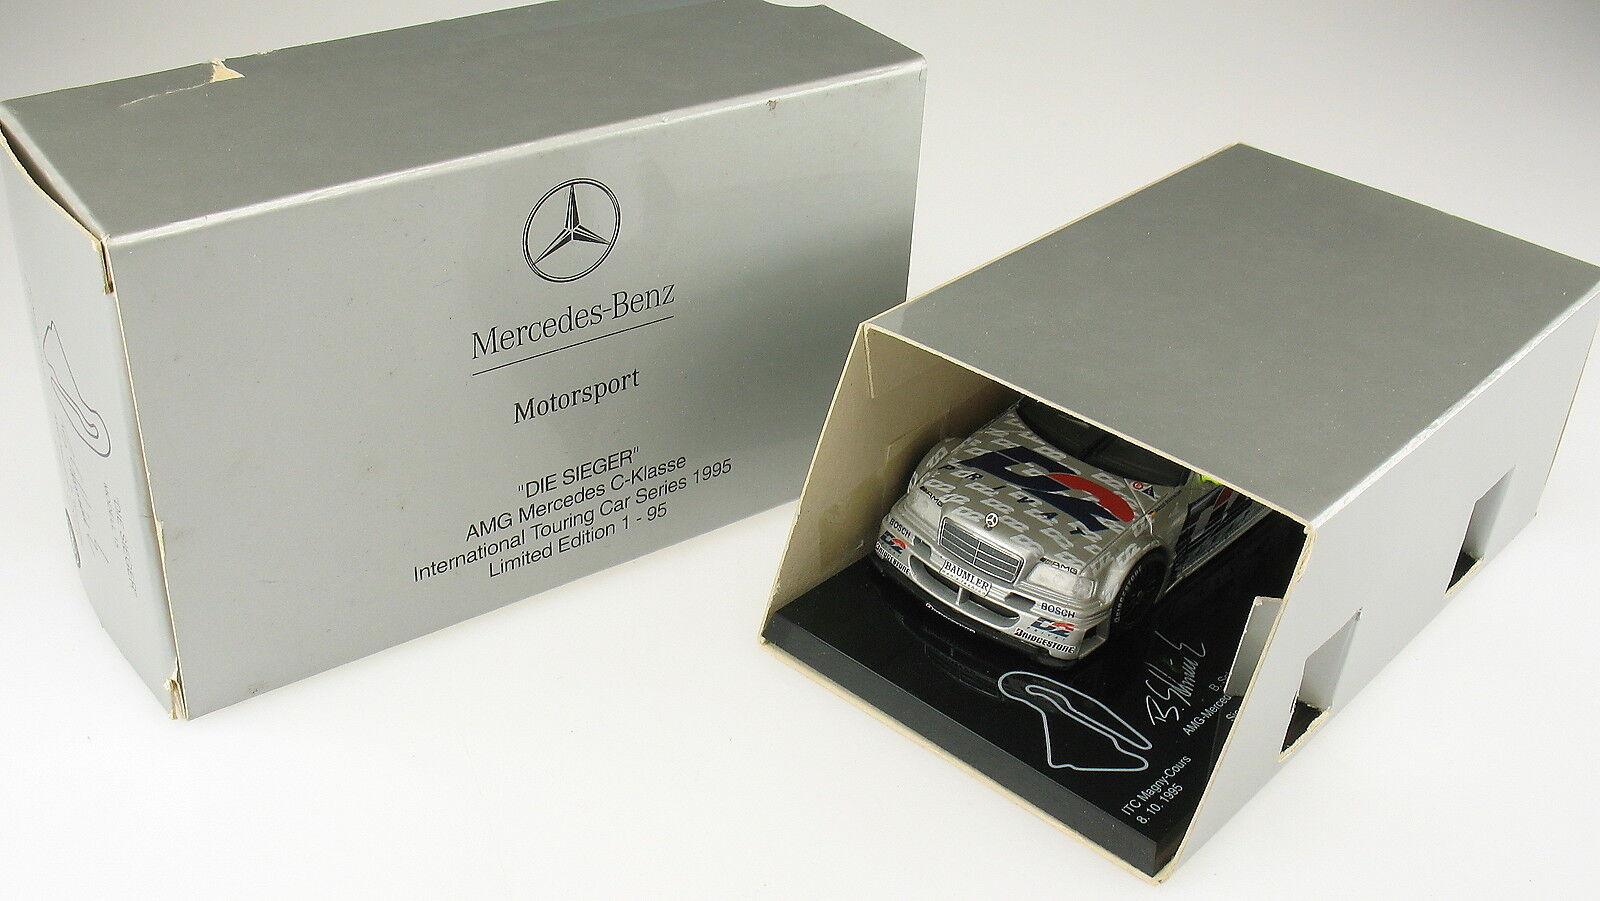 MINICHAMPS - AMG Mercedes C-Klasse - ITC Magny-Cours - 1995 LIMITED 86 95 - 1 43  | Viele Sorten